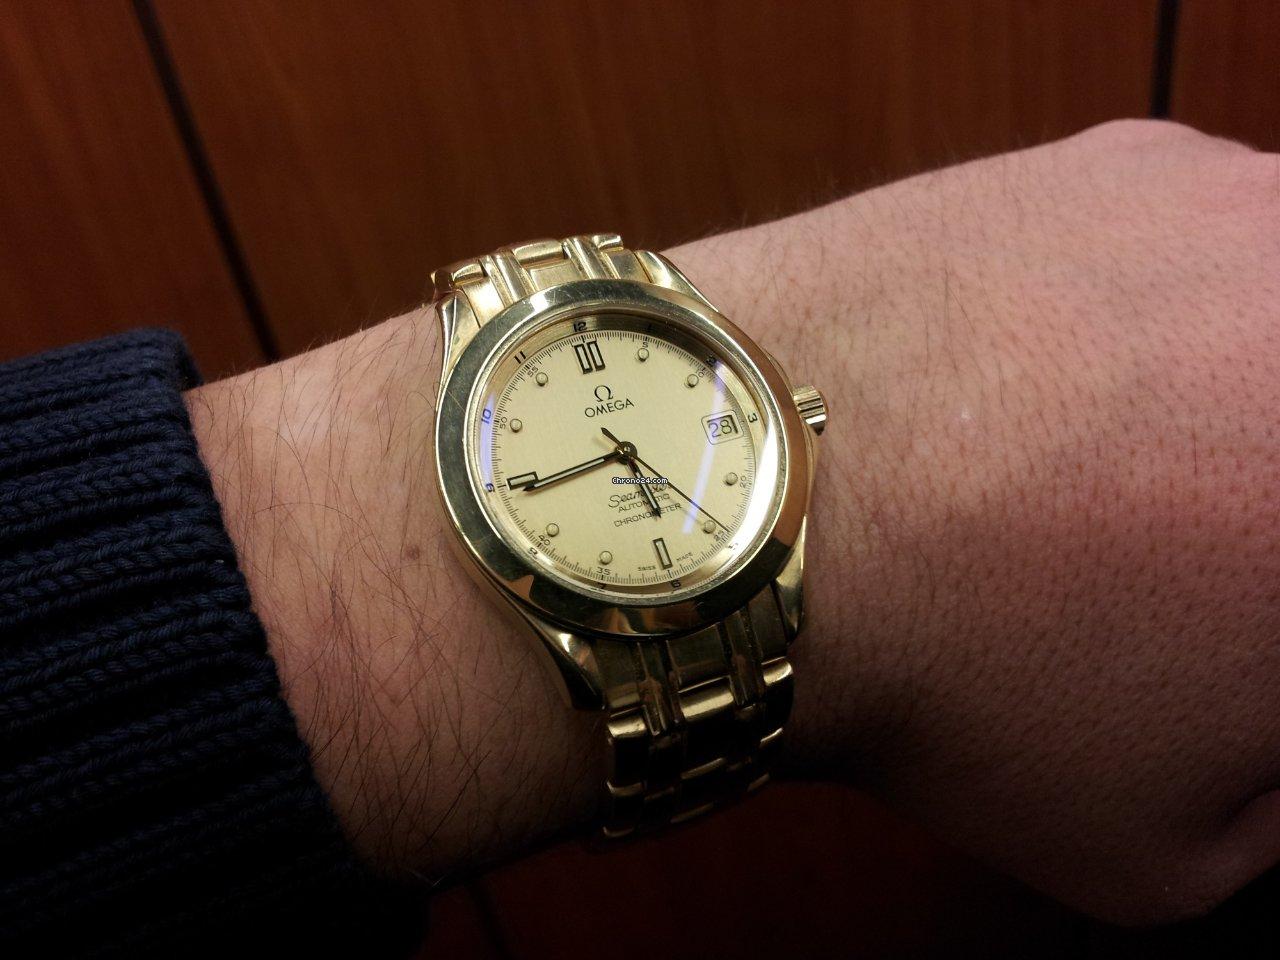 812f0adce033 Relojes Omega Oro amarillo - Precios de todos los relojes Omega Oro amarillo  en Chrono24